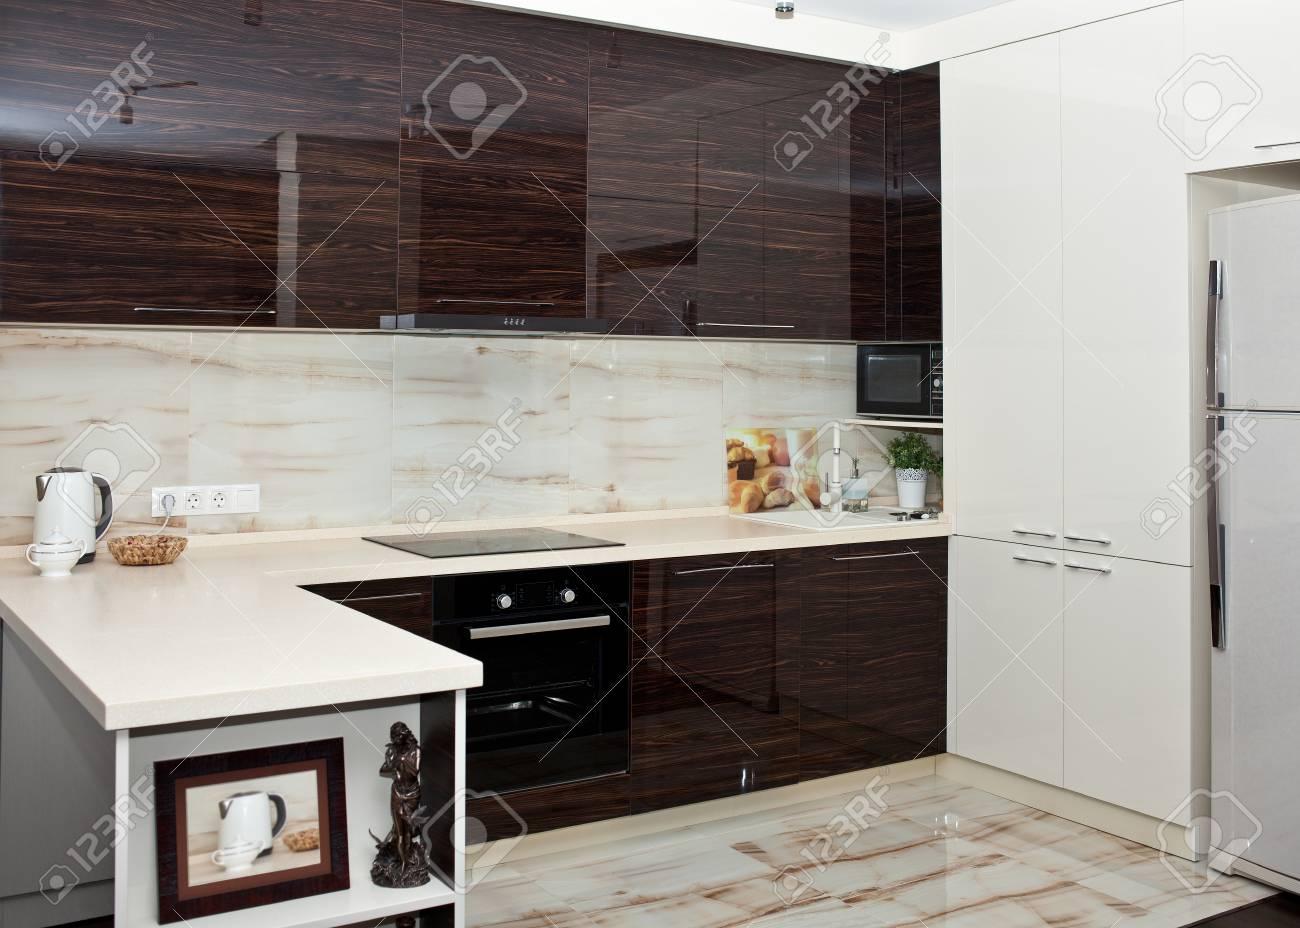 Immagini Stock - Interno Cucina In Colori Marrone-bianco Con ...